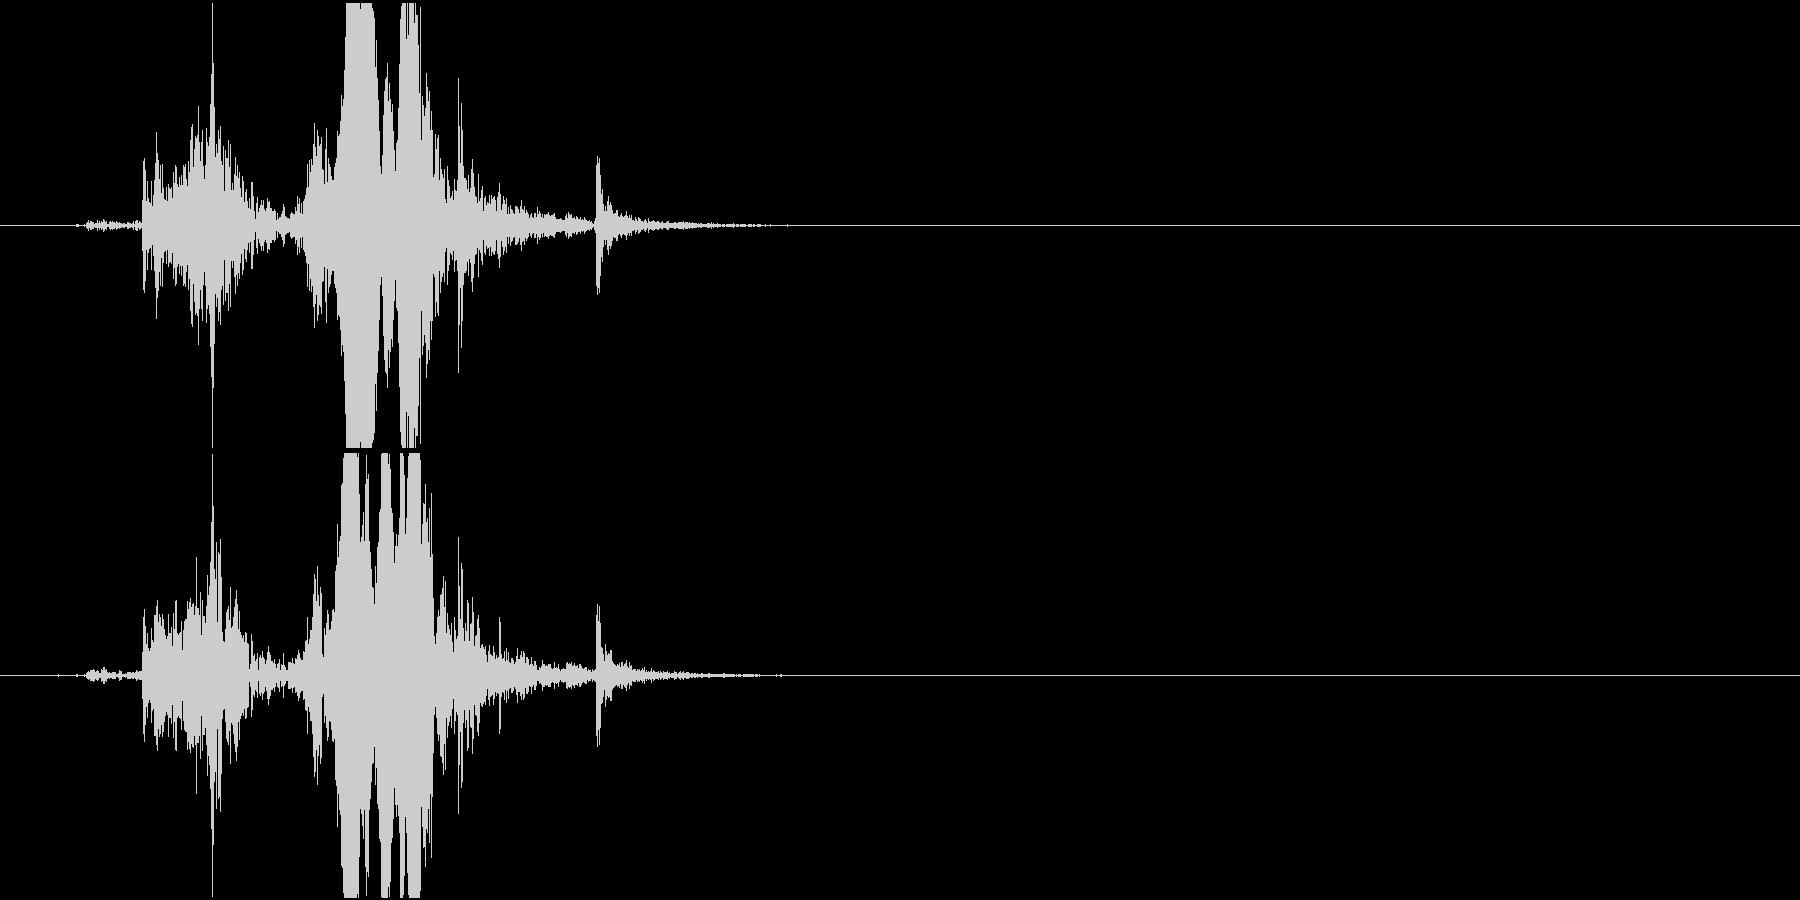 【生録音】 Lock 玄関の鍵をかける音の未再生の波形